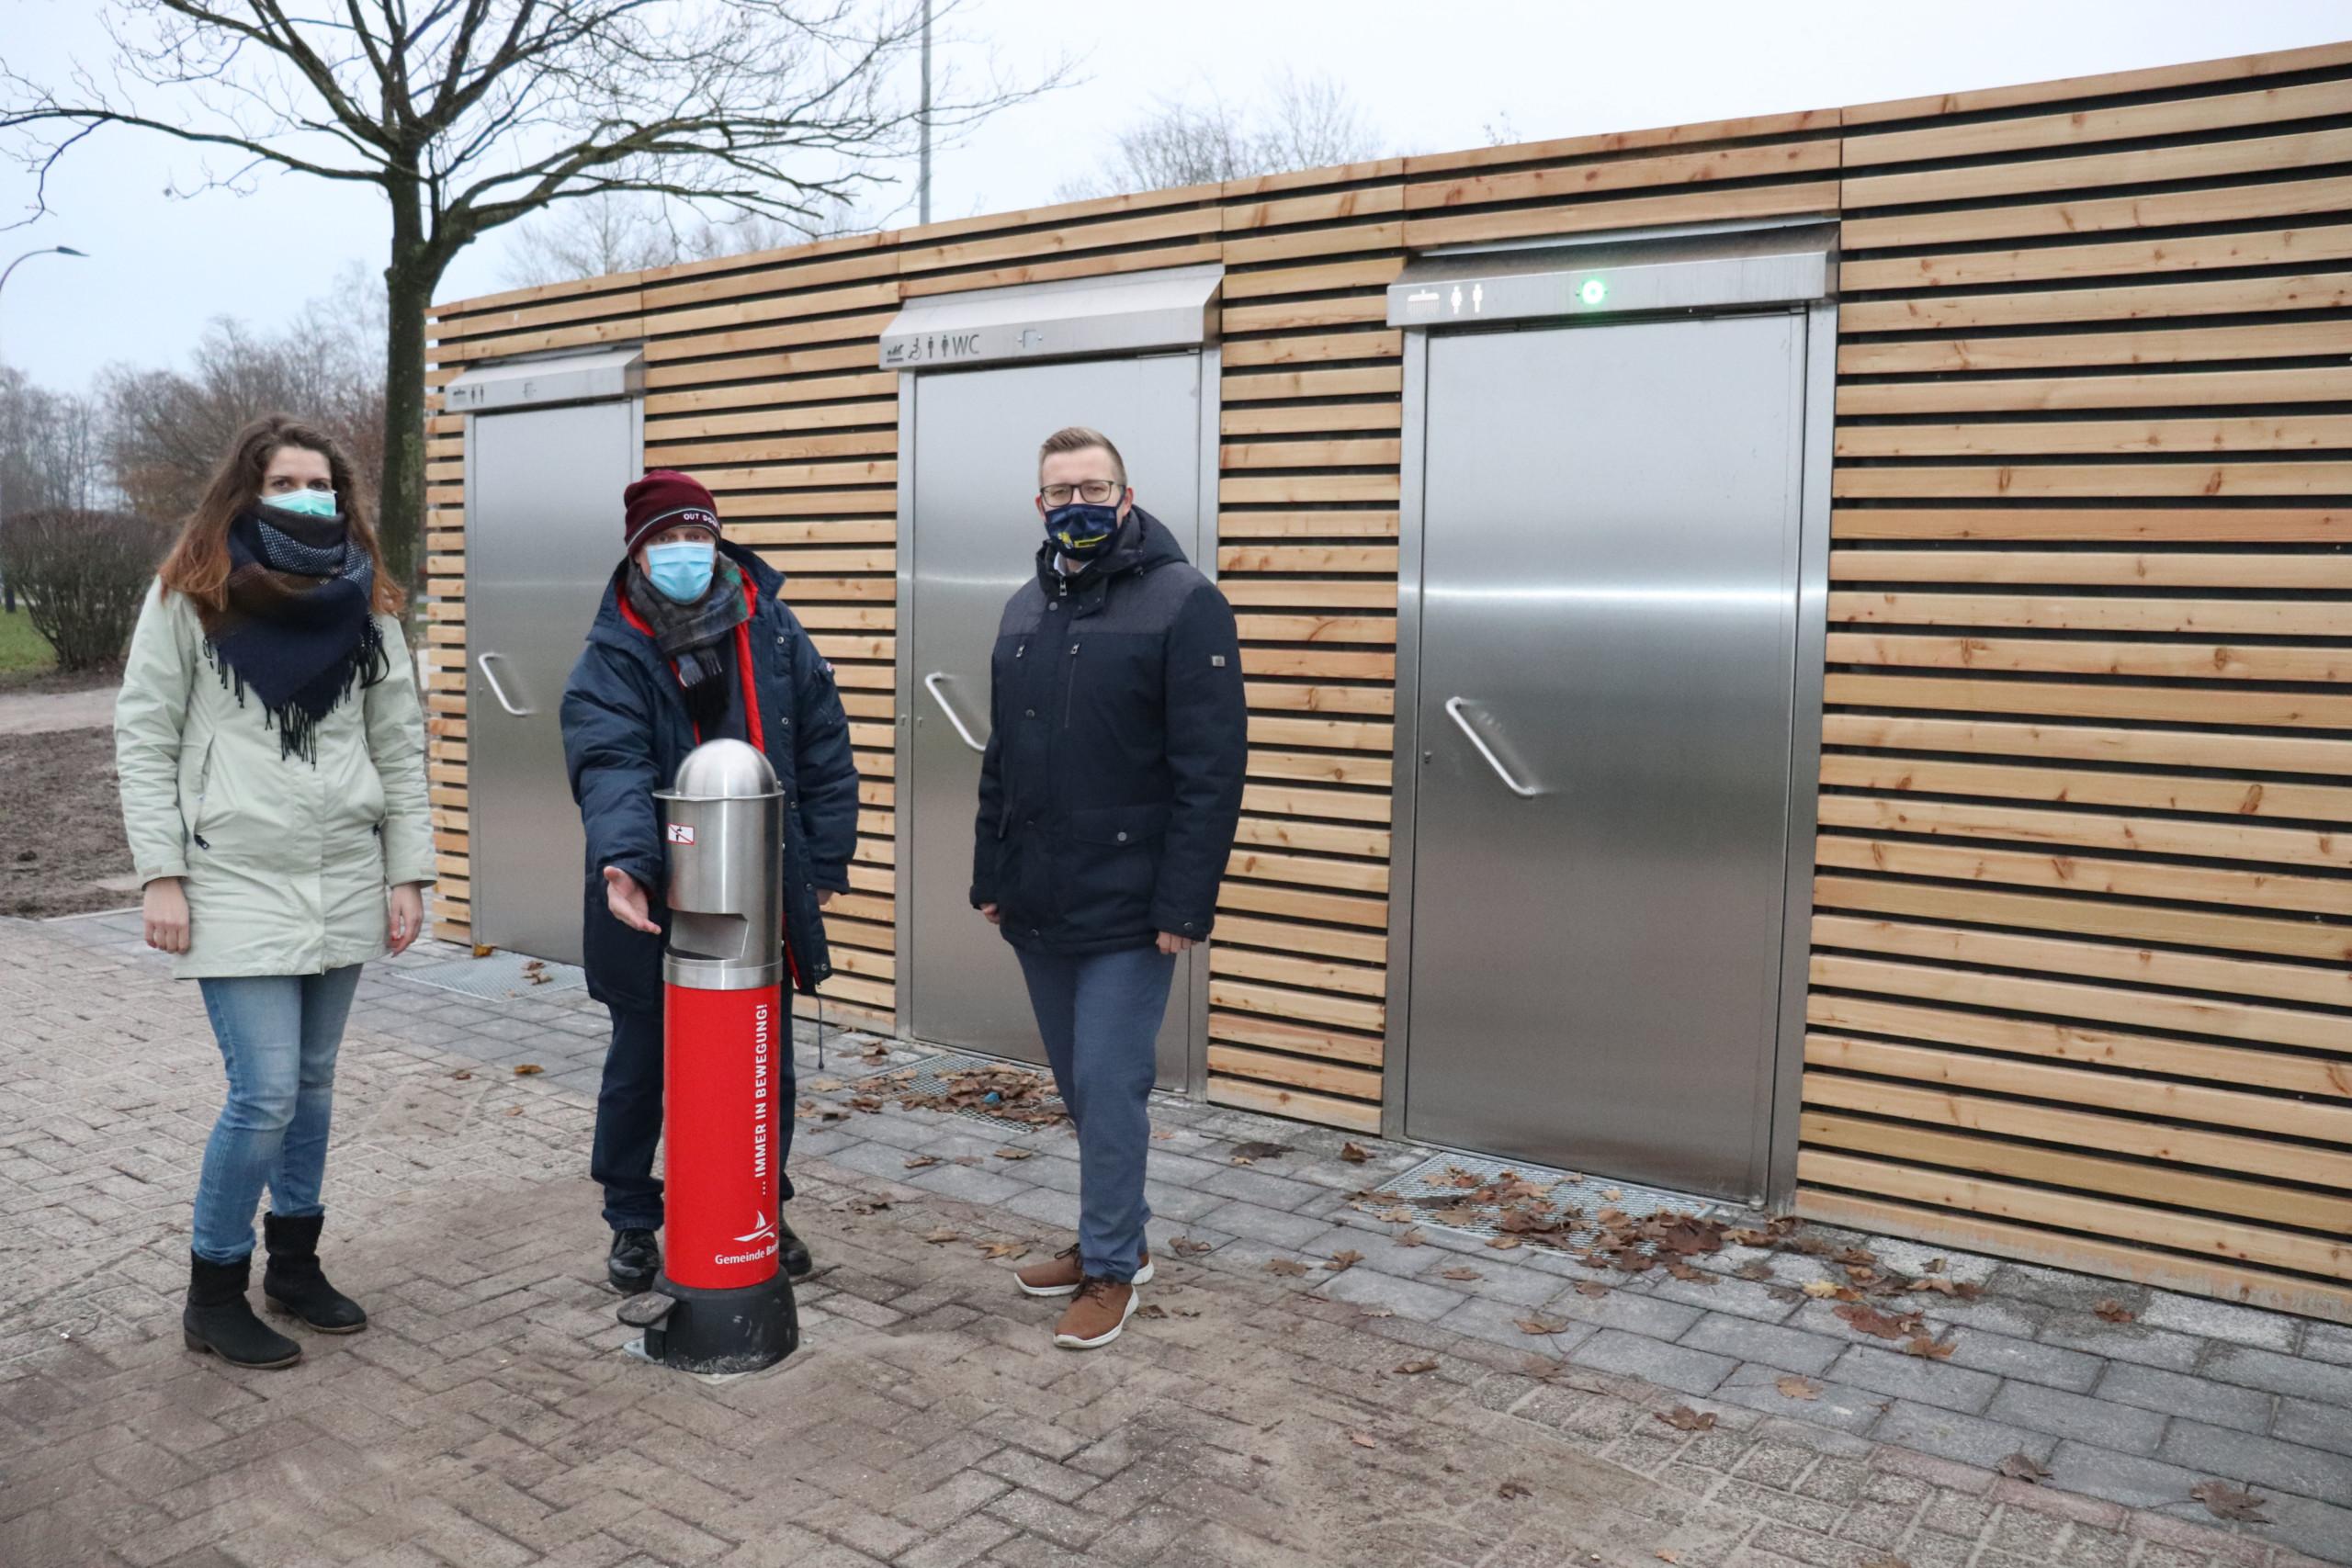 Präsentieren die neuen Containeranlagen inkl. Desinfektionsmittelspender (v.l.n.r.): Maja Peters, Hartmut Willhaus (beide vom Bauamt der Gemeinde Barßel) und Bürgermeister Nils Anhuth. Aufnahme: Wlodarczyk/Gemeinde Barßel